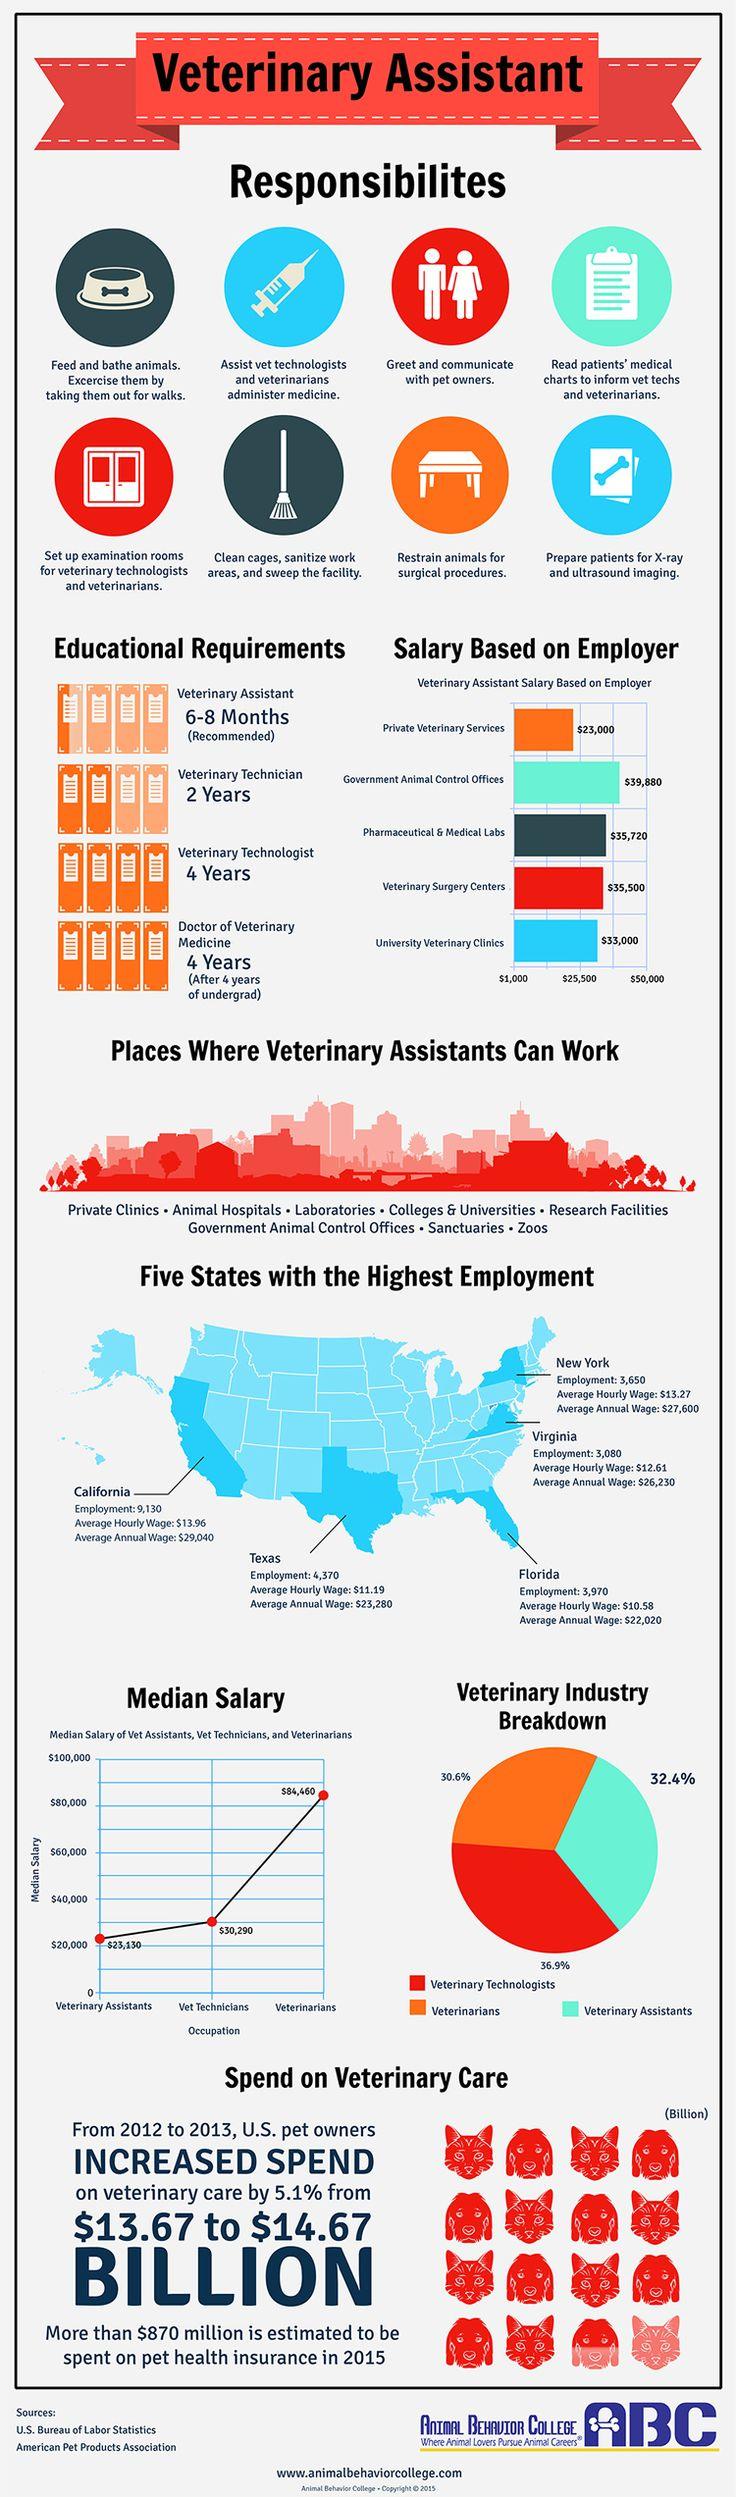 Veterinary Assistant School and Online Program Vet